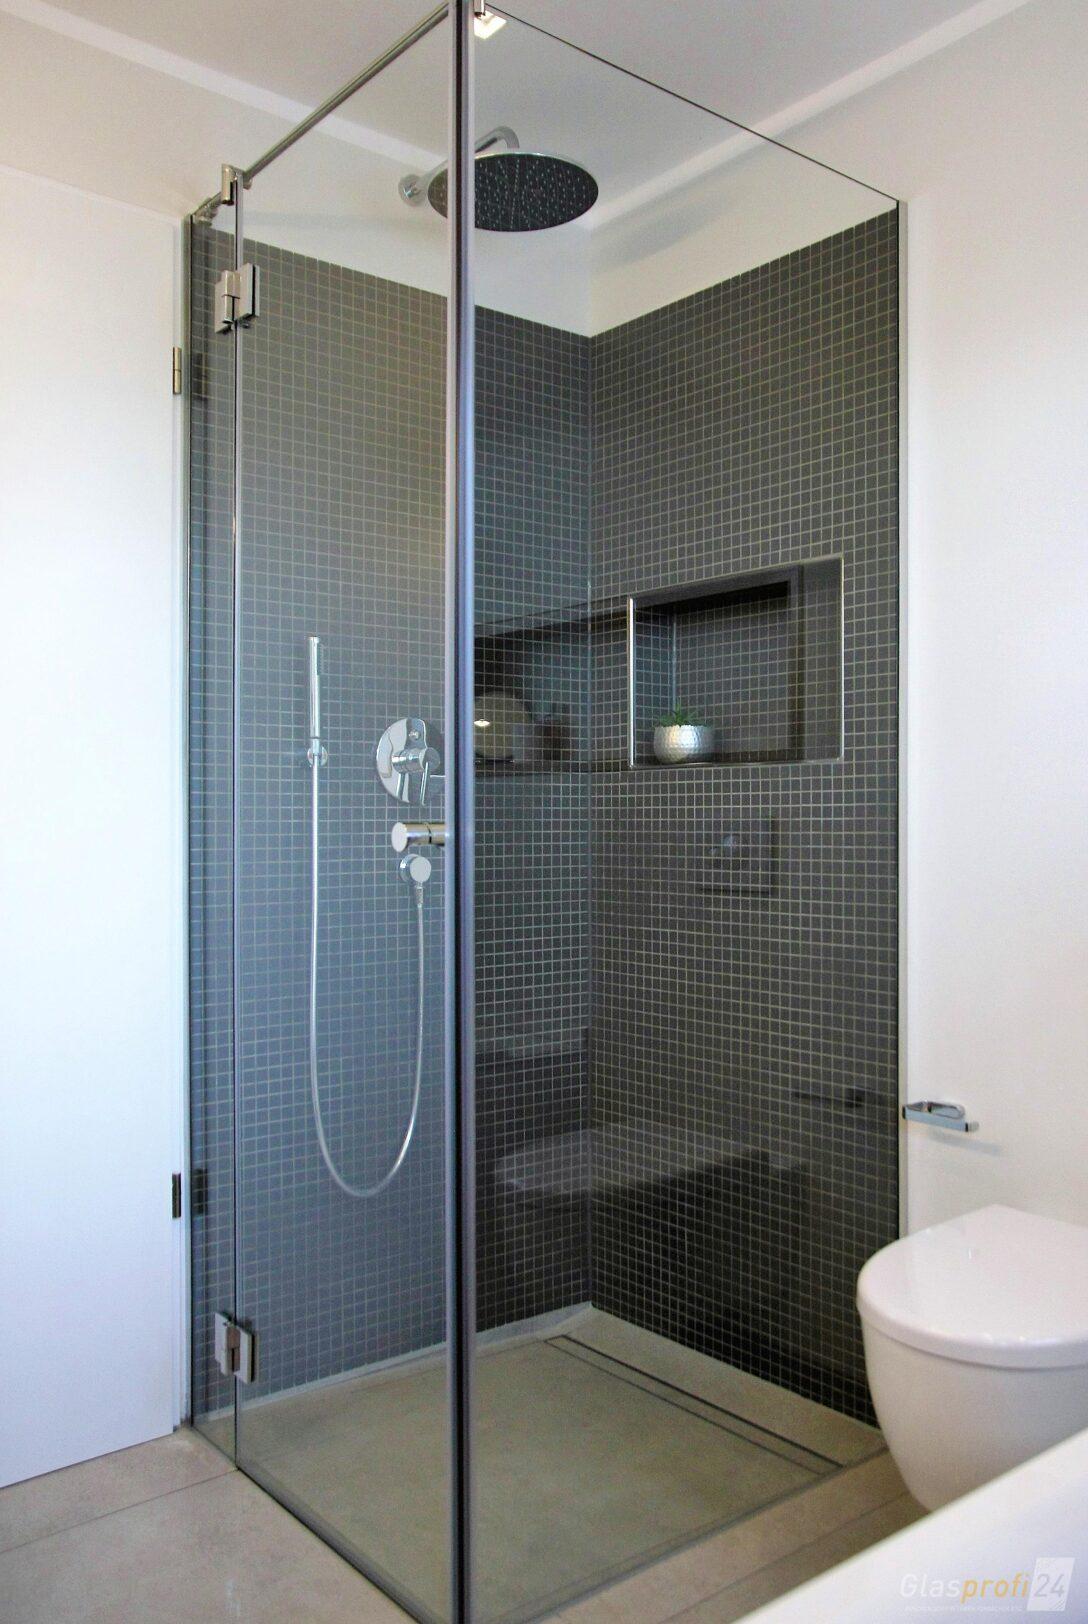 Large Size of Glastrennwand Dusche Eckdusche Glaseckdusche Glasprofi24 Glasabtrennung Bodengleiche Nachträglich Einbauen Hsk Duschen Bluetooth Lautsprecher Einhebelmischer Dusche Glastrennwand Dusche